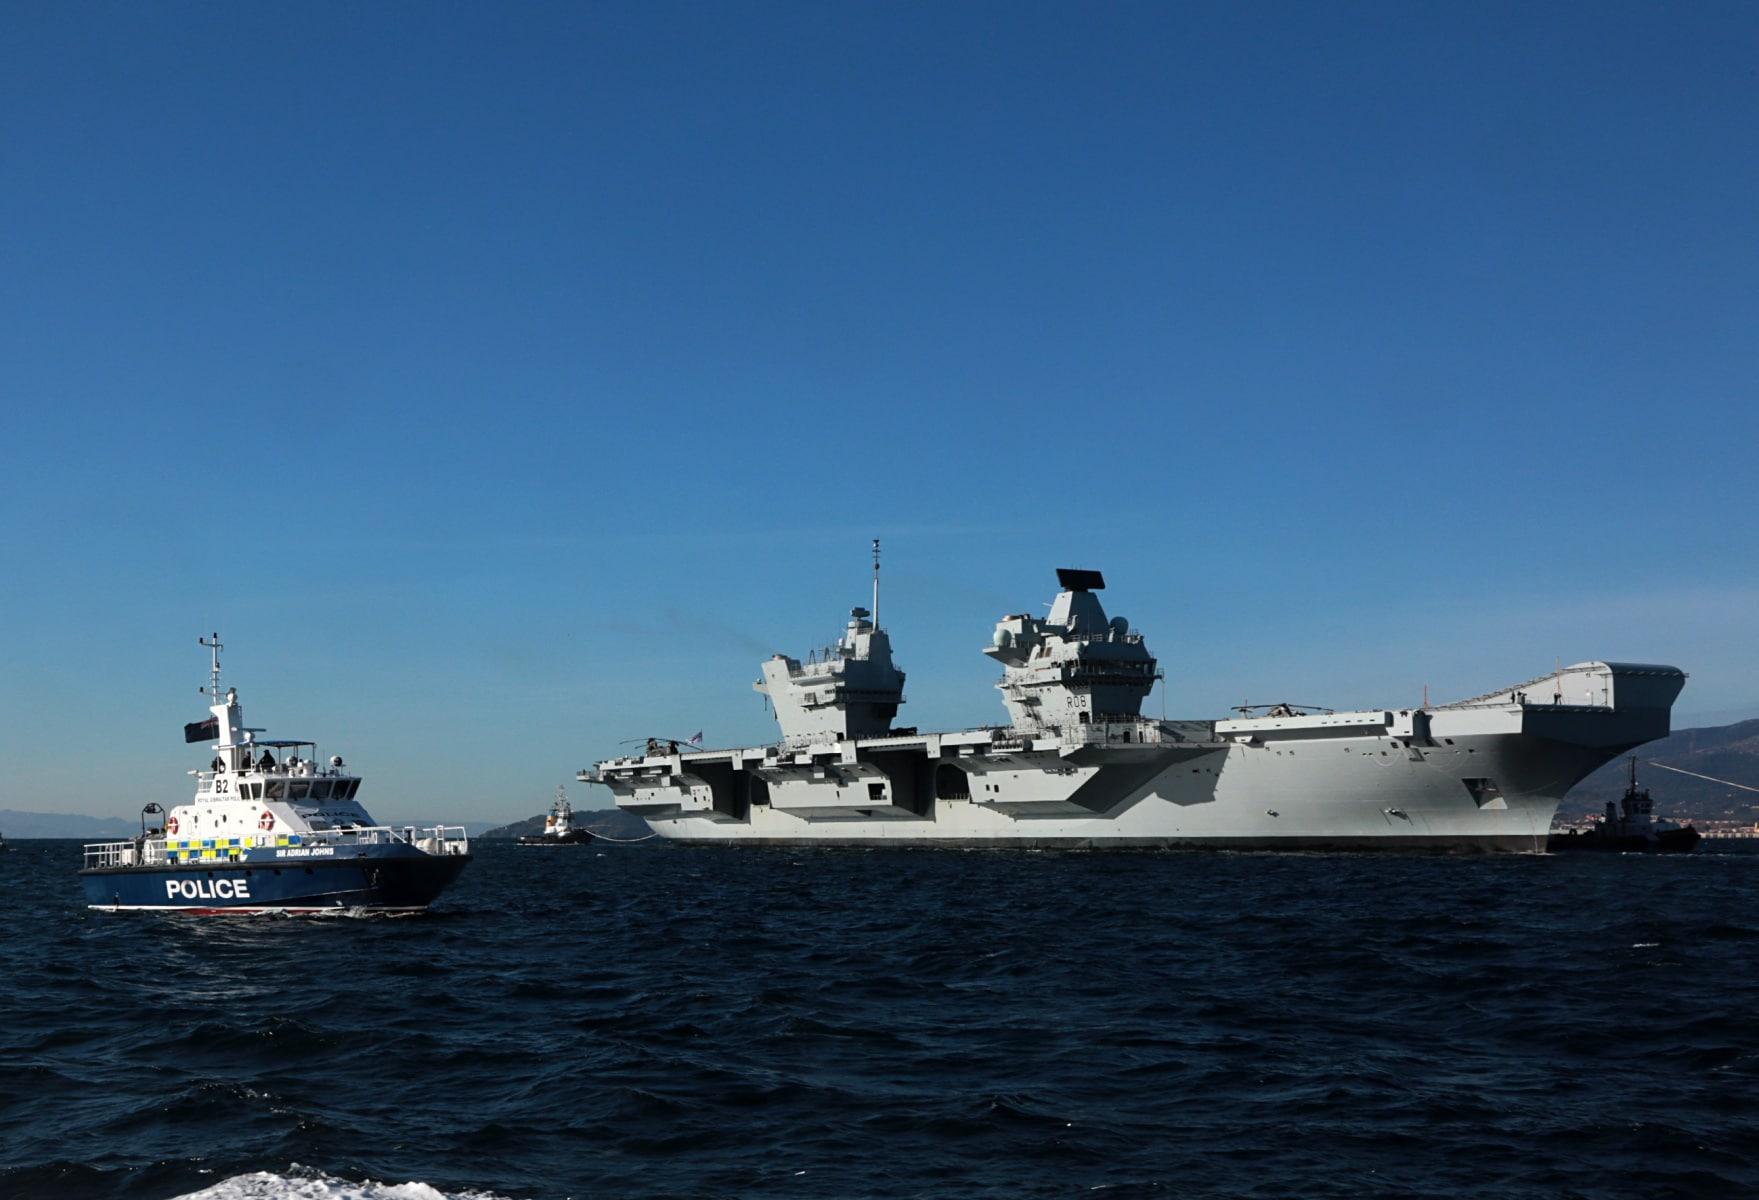 portaaviones-hms-queen-elizabeth-llegando-a-gibraltar-imagen-tomada-desde-uno-de-los-buques-de-apoyo-via-royal-navy-29_39455300364_o